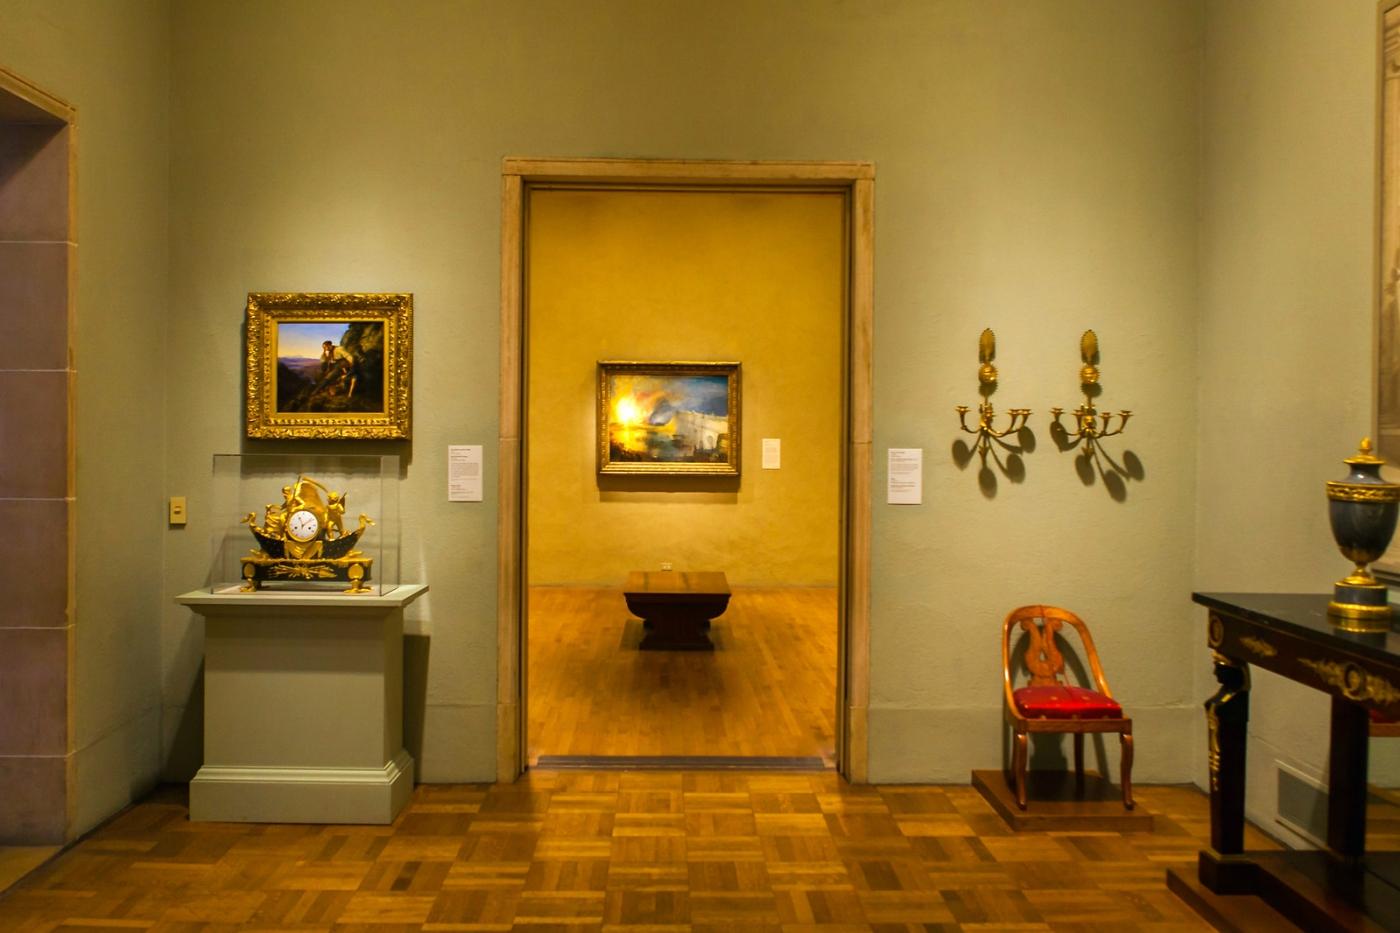 费城艺术博物馆,看展品布局_图1-3